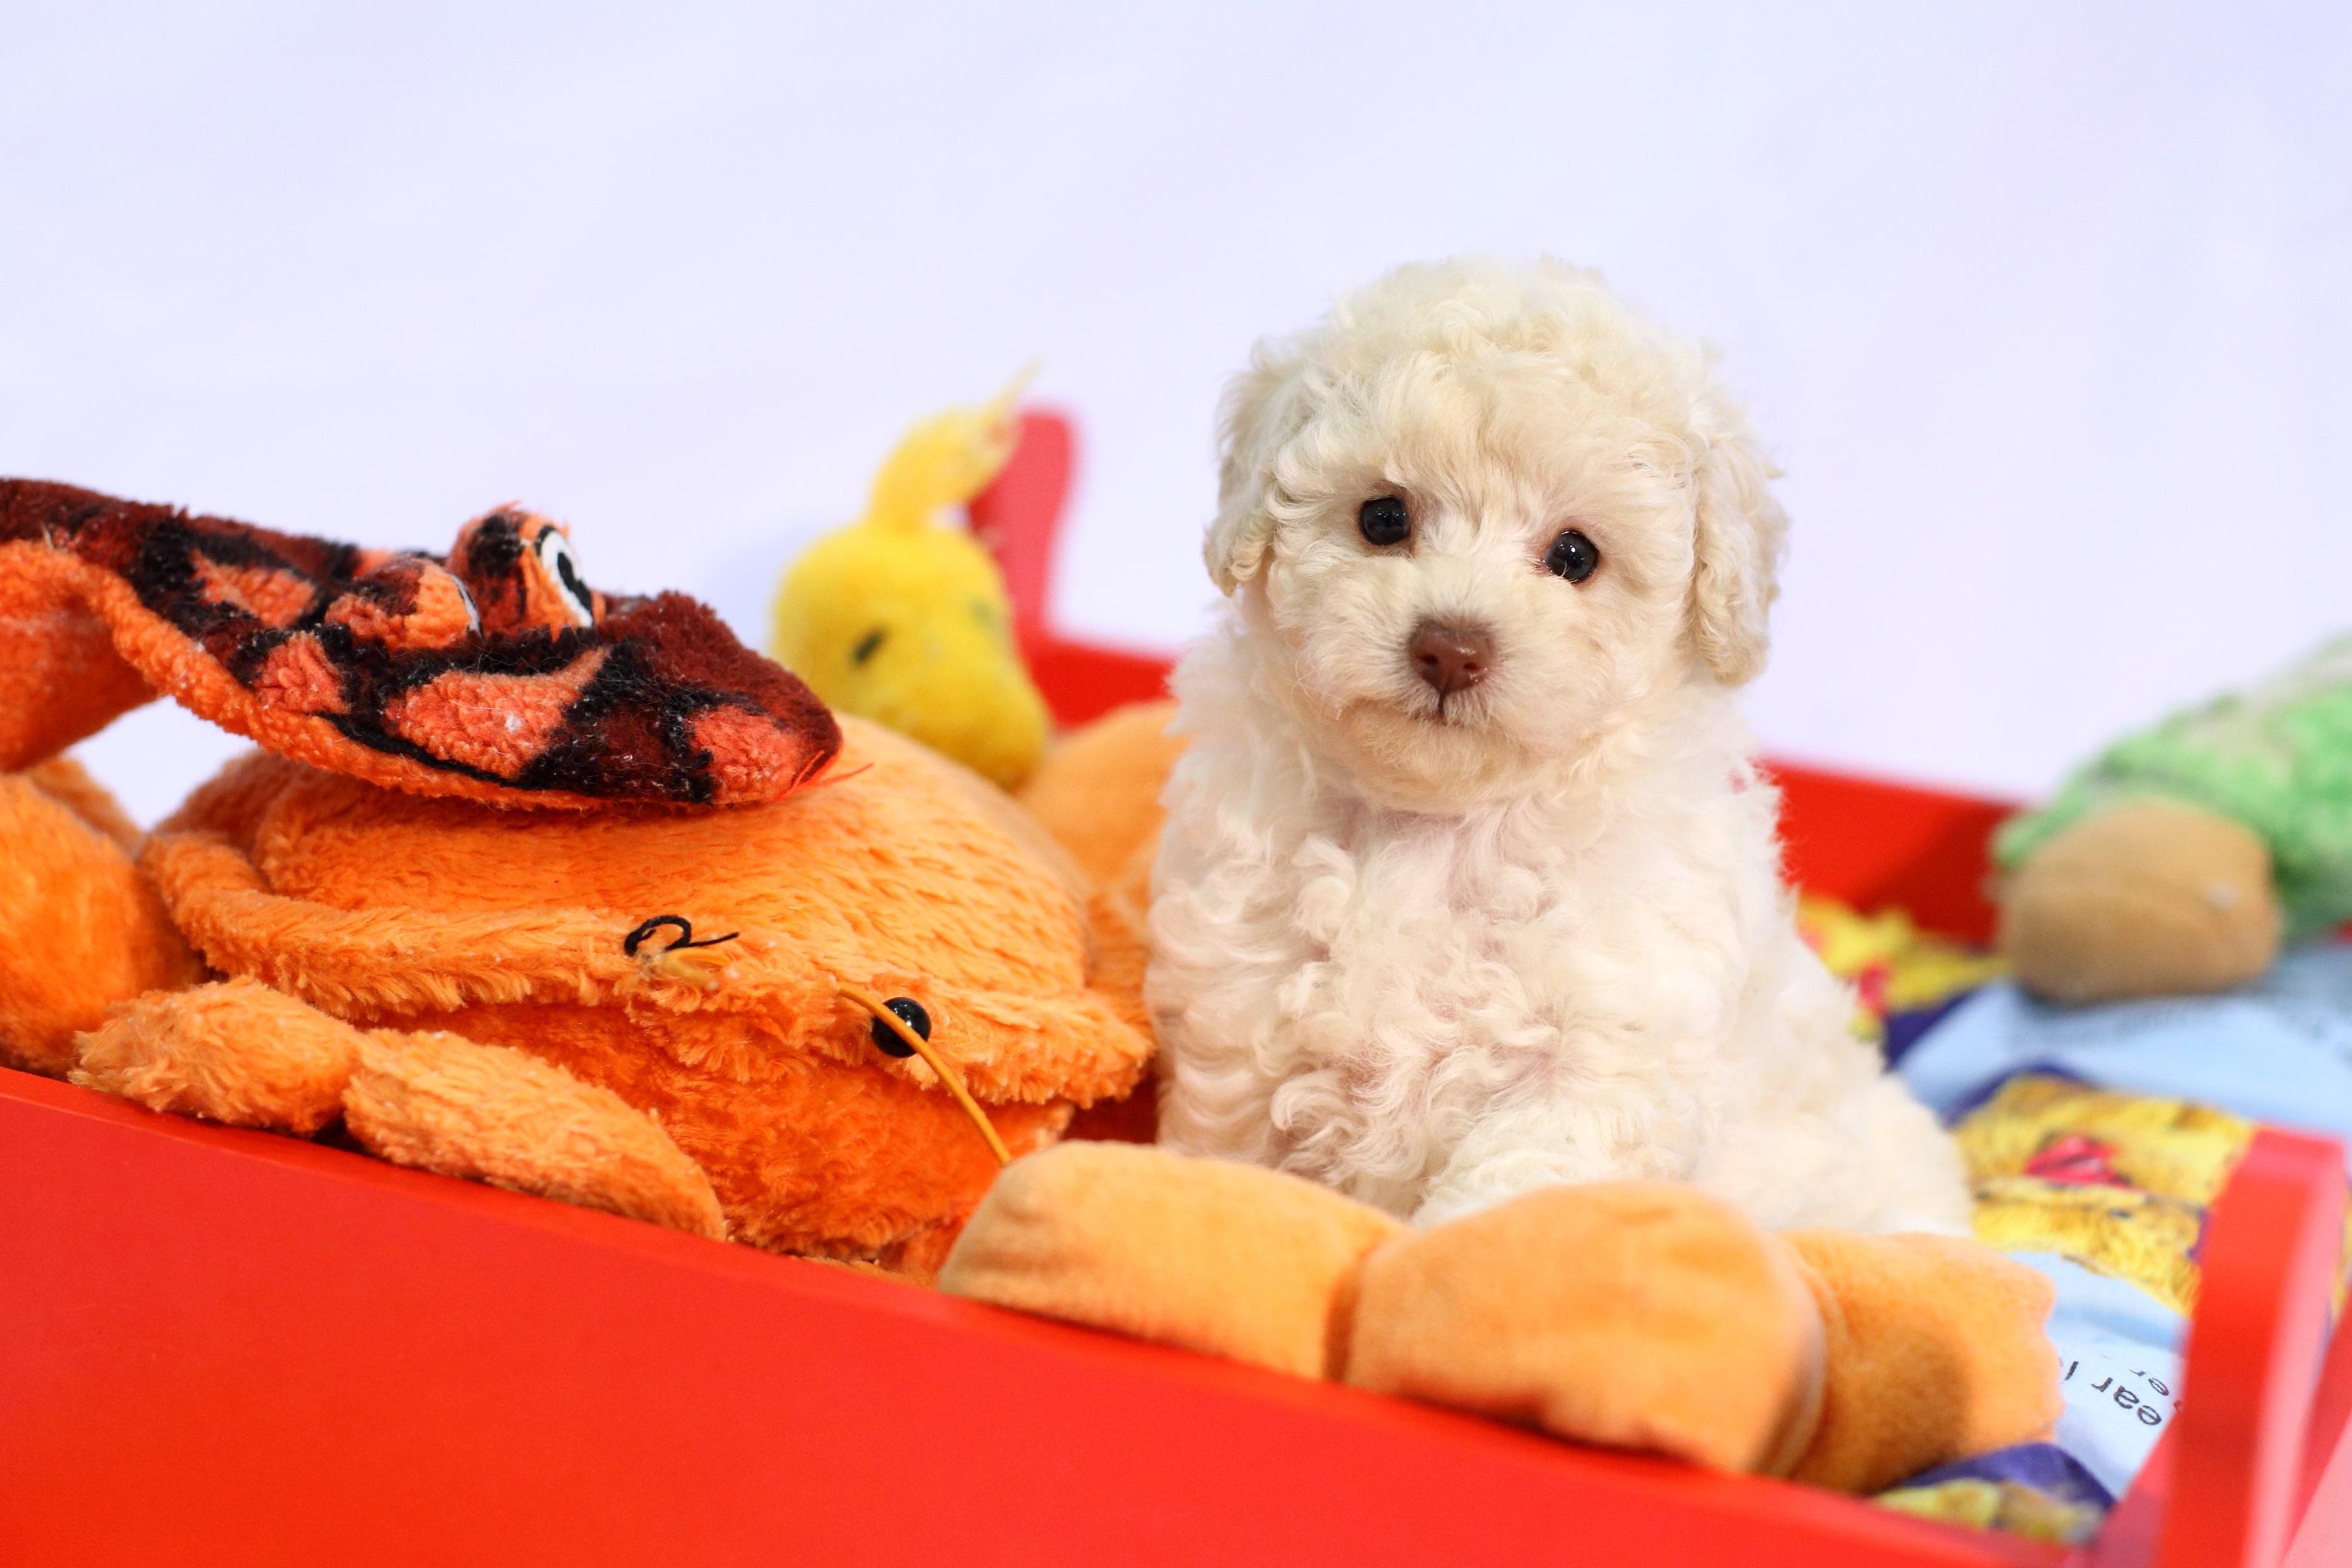 泰迪貴賓的稱呼來自人們將貴賓狗修剪成熊仔玩具般的樣貌